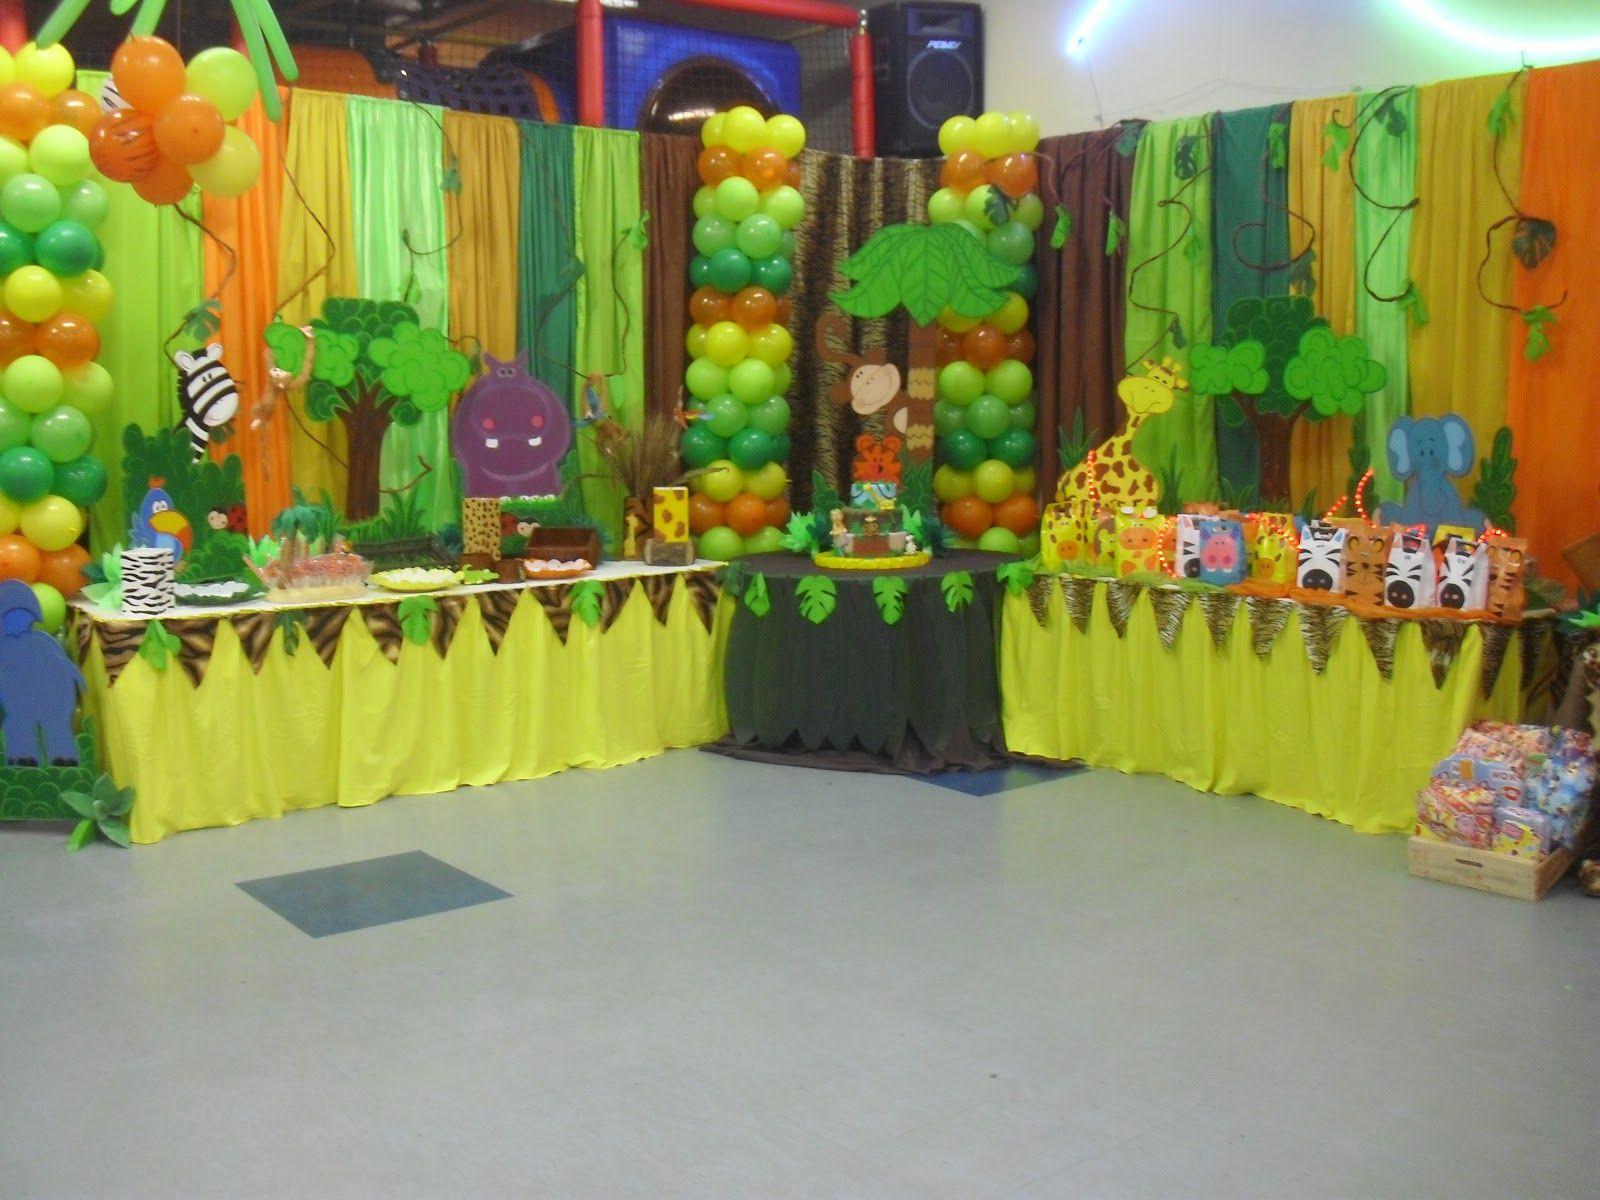 Decoraci n fiestas infantiles motivo safari imagui - Decoracion de cumpleanos infantiles ...